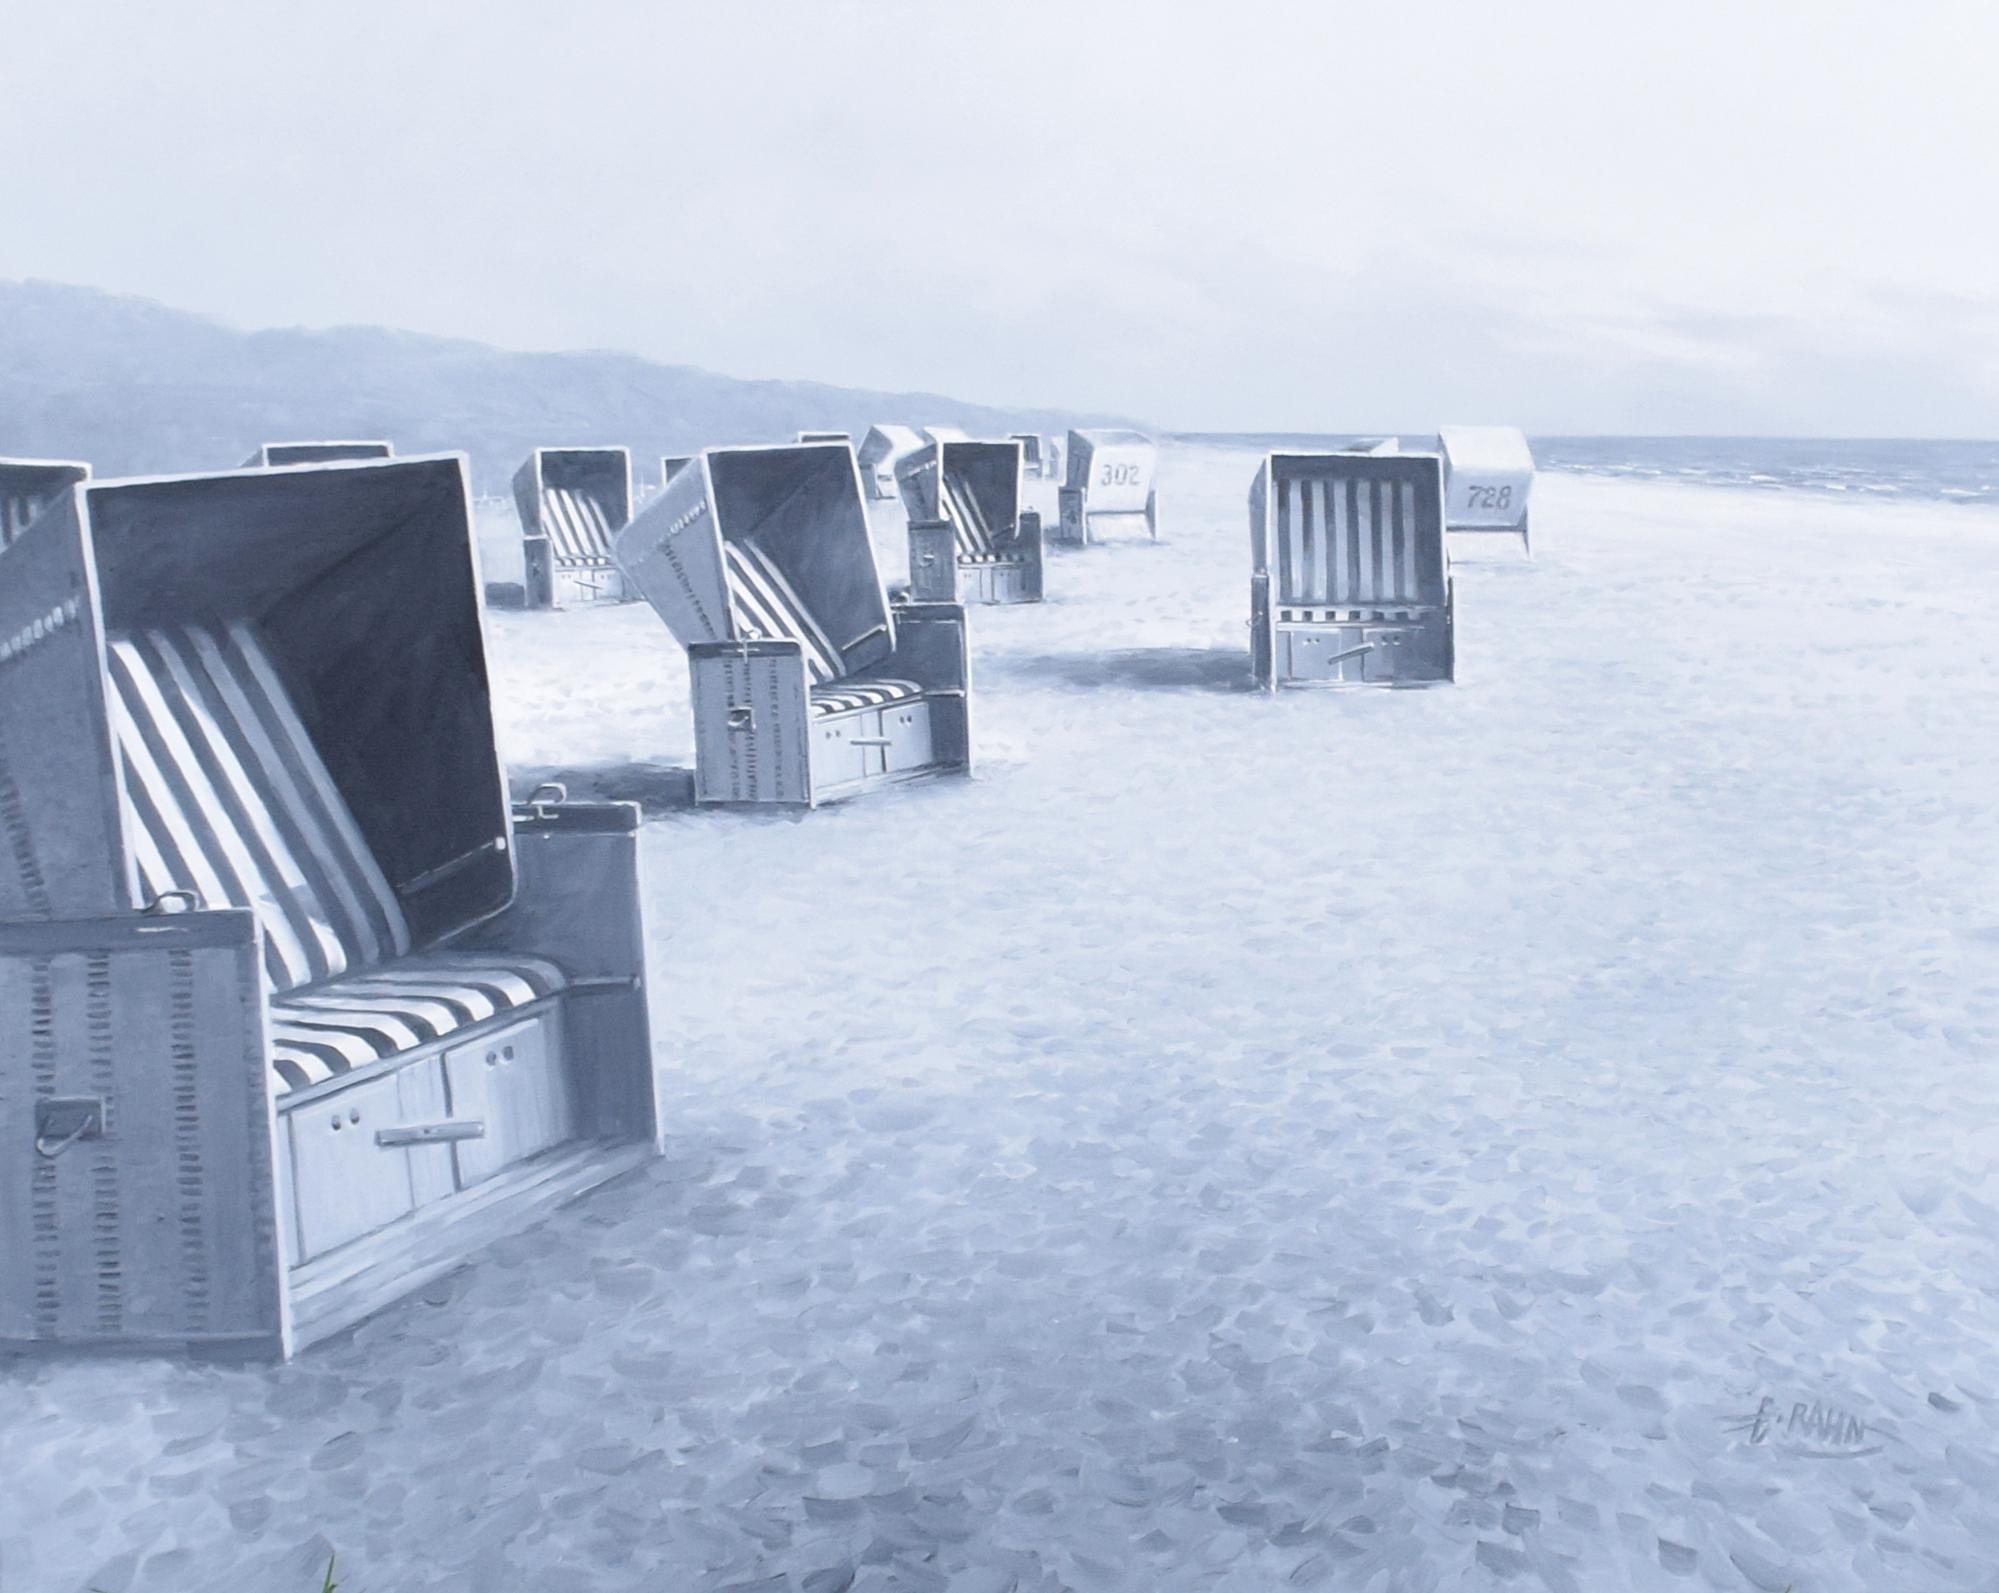 Detlef Rahn - Strandkörbe, Sylt , 7840-006-900